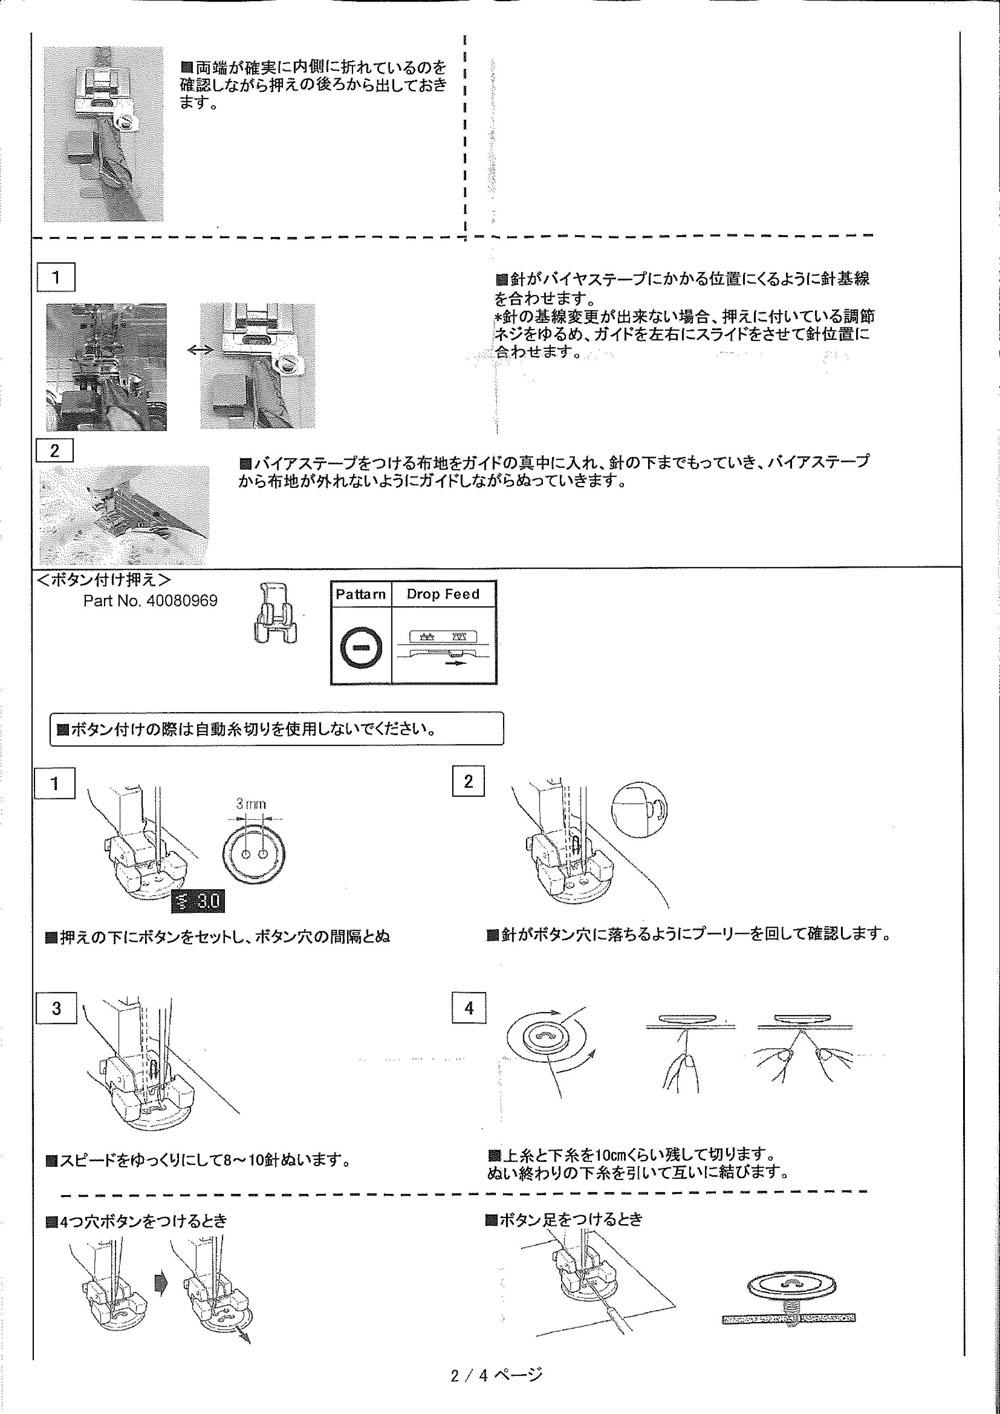 【送料無料】 ヘビーユーザーキット HZL-DX5